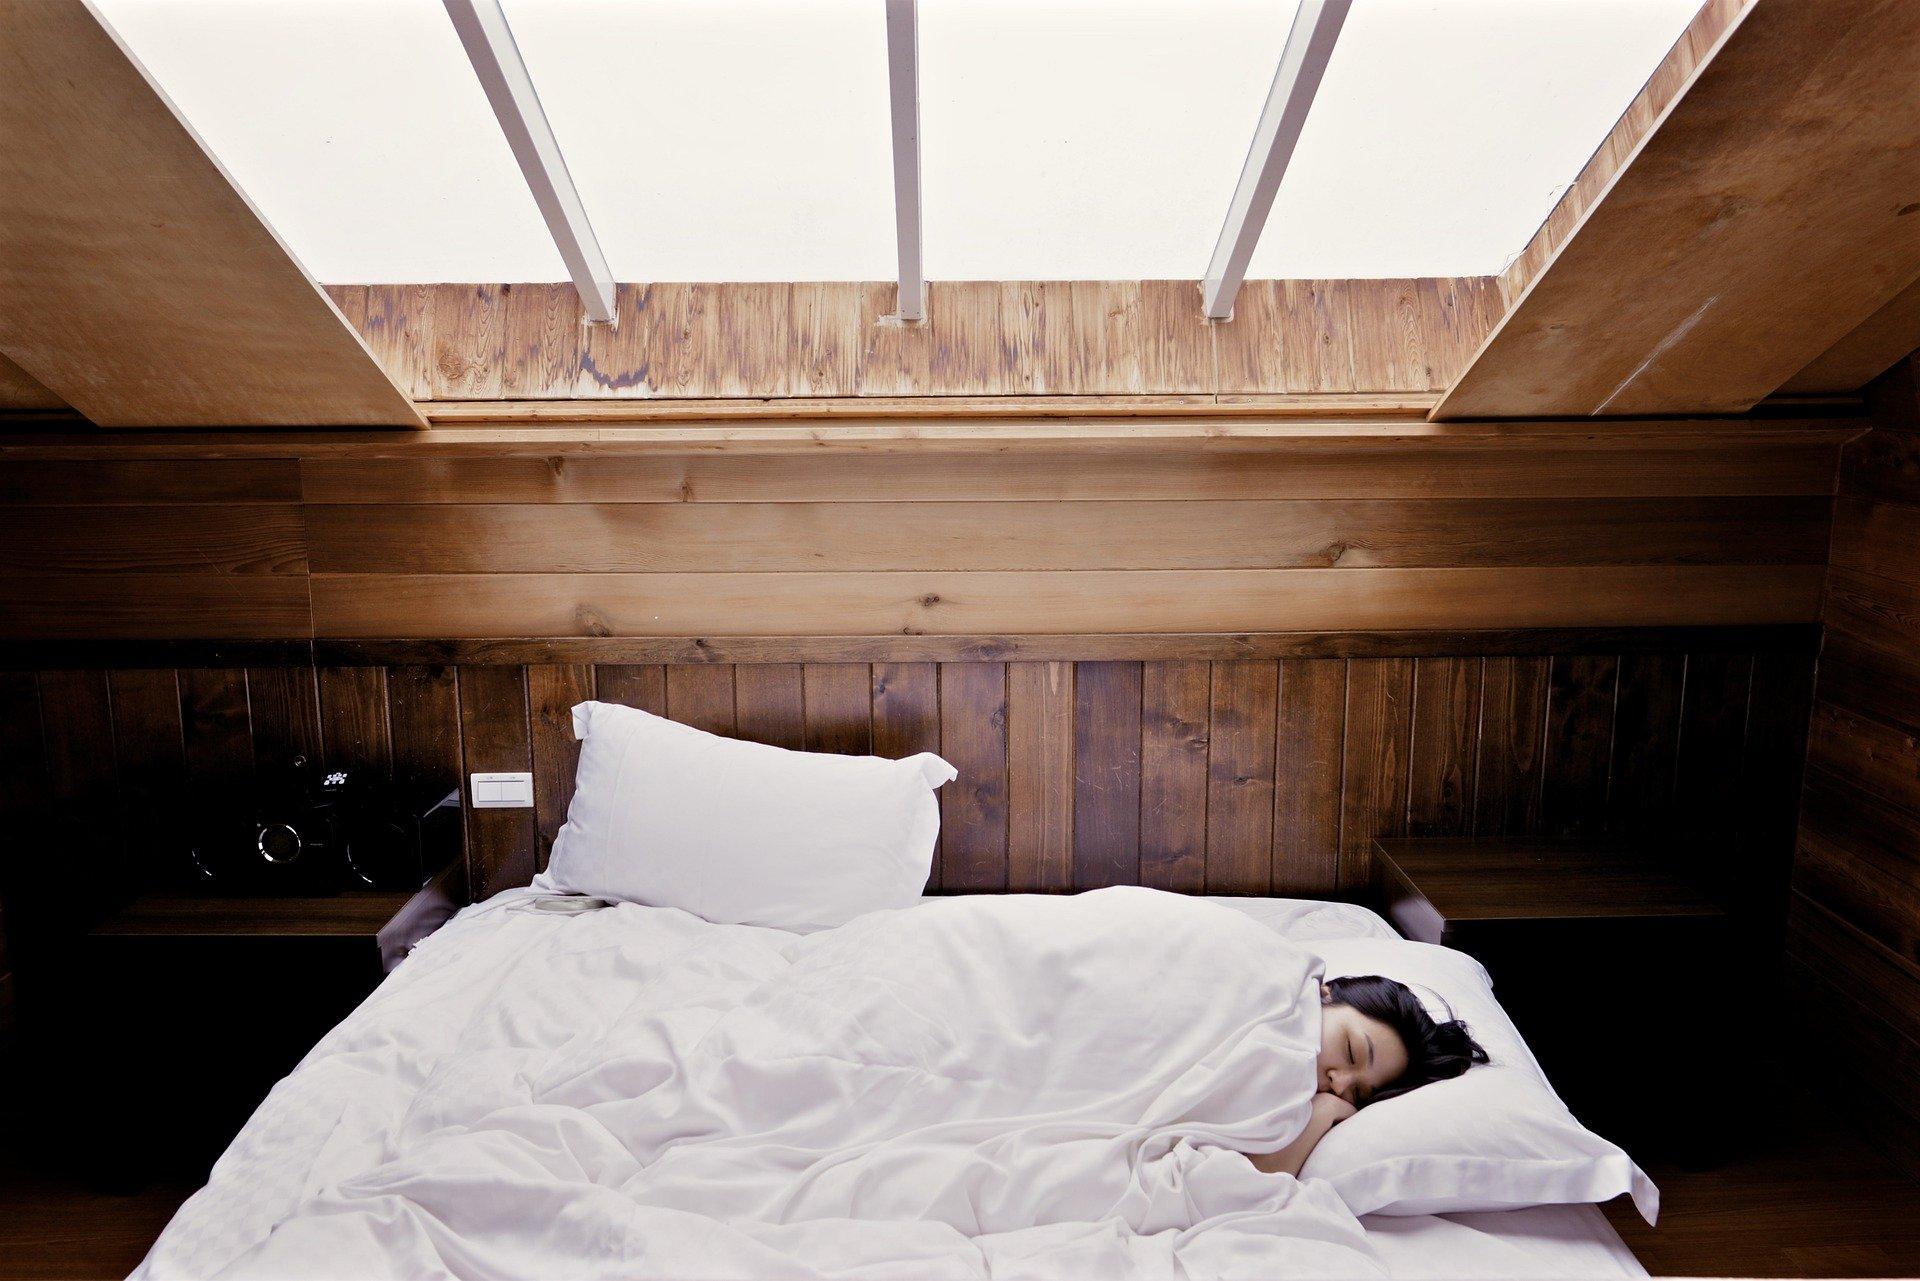 仕事に行きたくない朝の対処法5選【向いてる仕事なら辛くない】